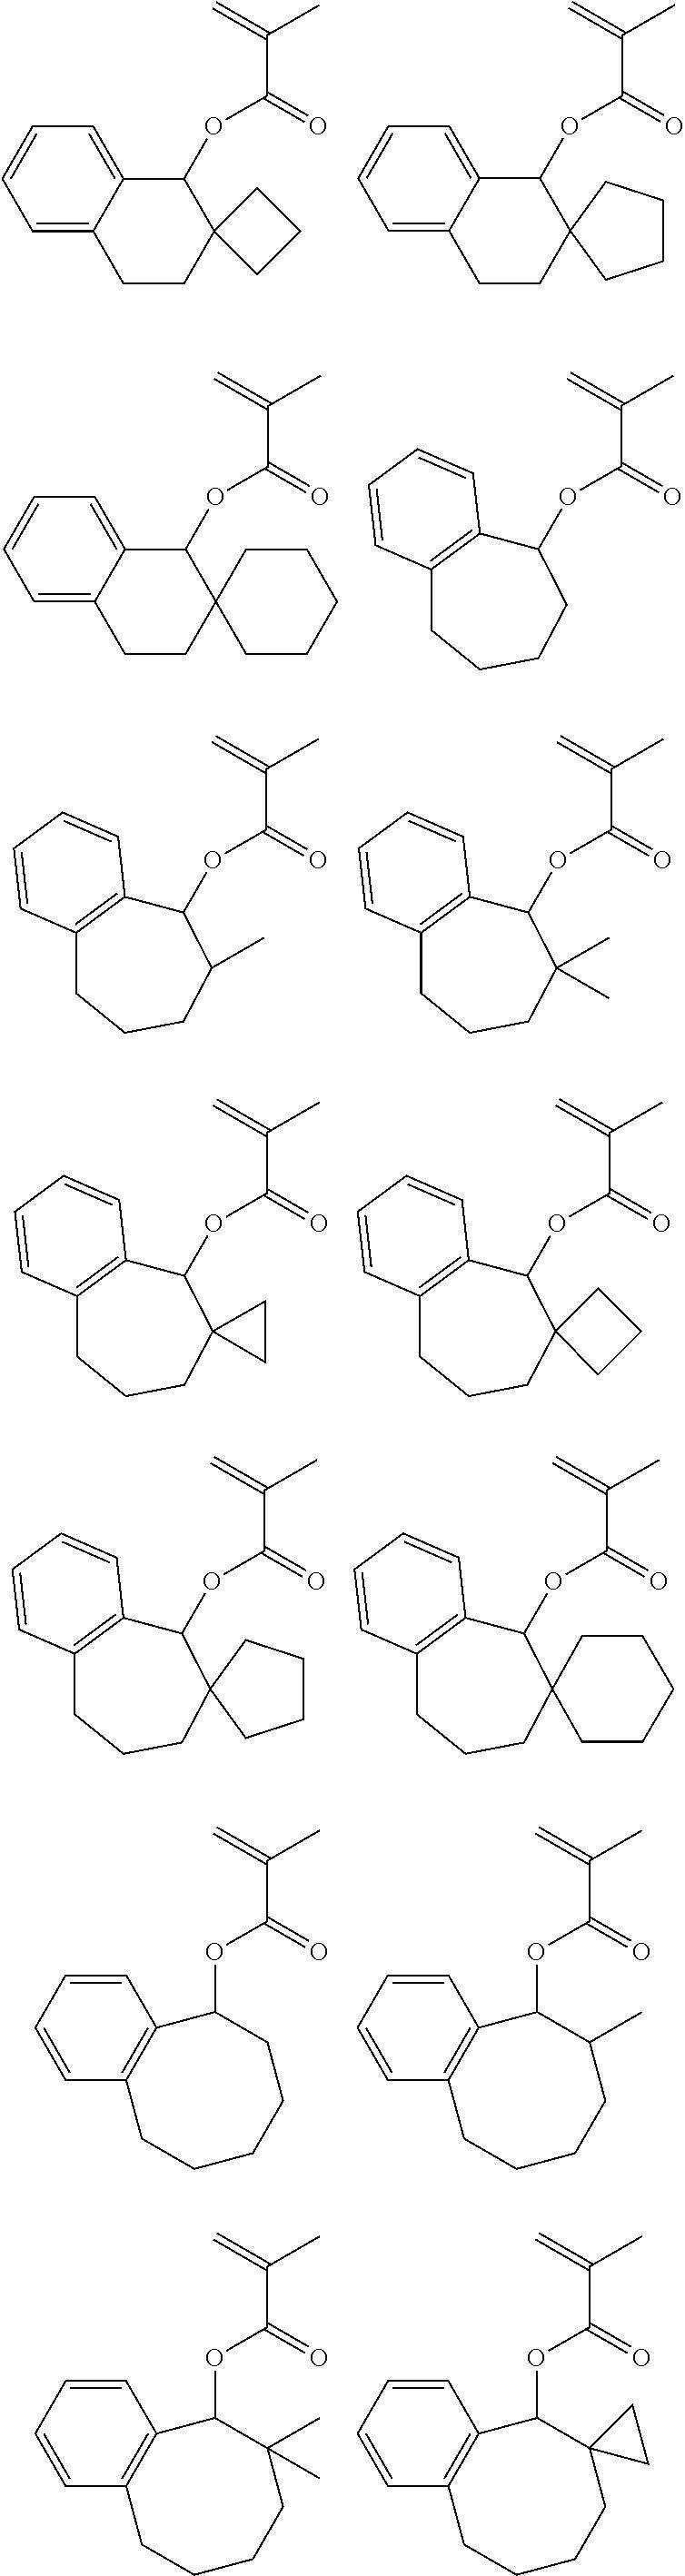 Figure US09023586-20150505-C00059